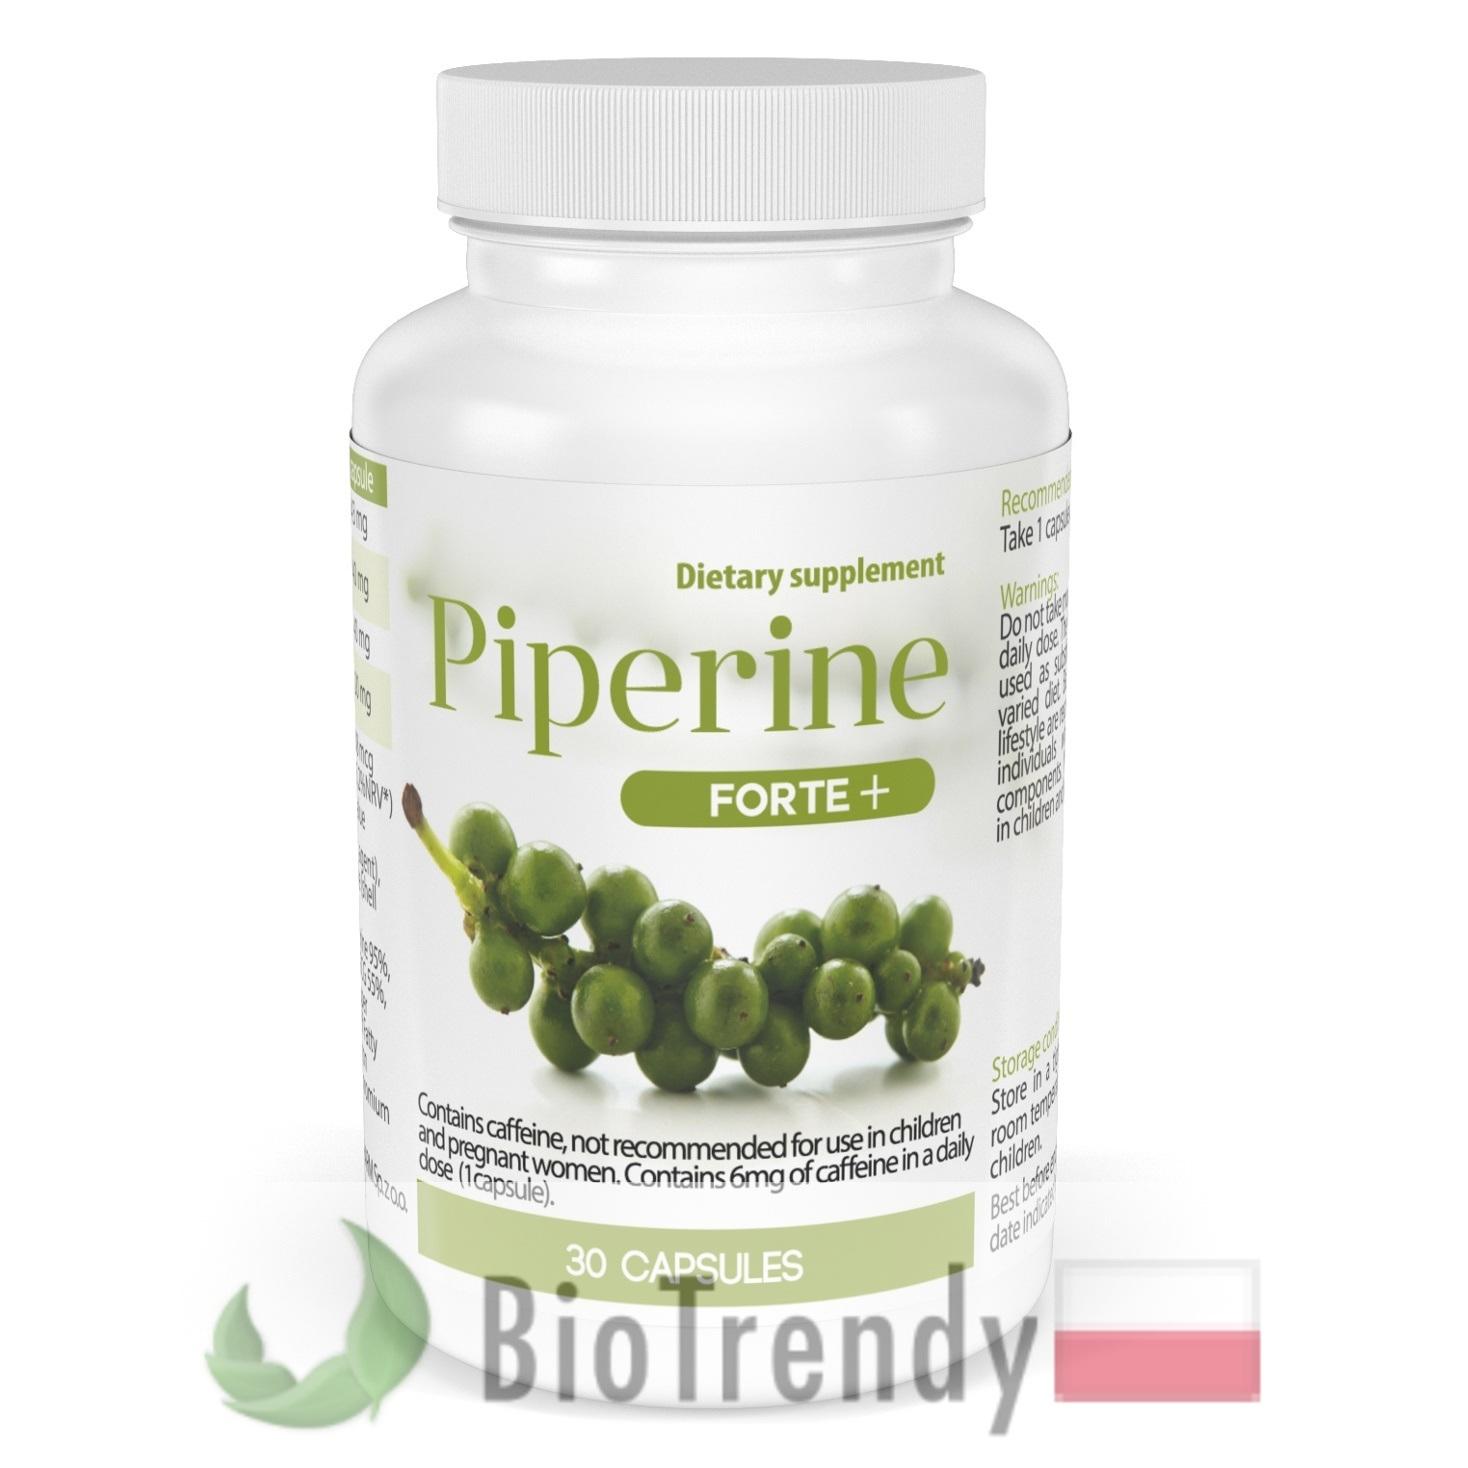 Piperyna - Czarny pieprz - Piper nigrum - piperyna opinie - piperyna forte - piperyna forte - Black pepper